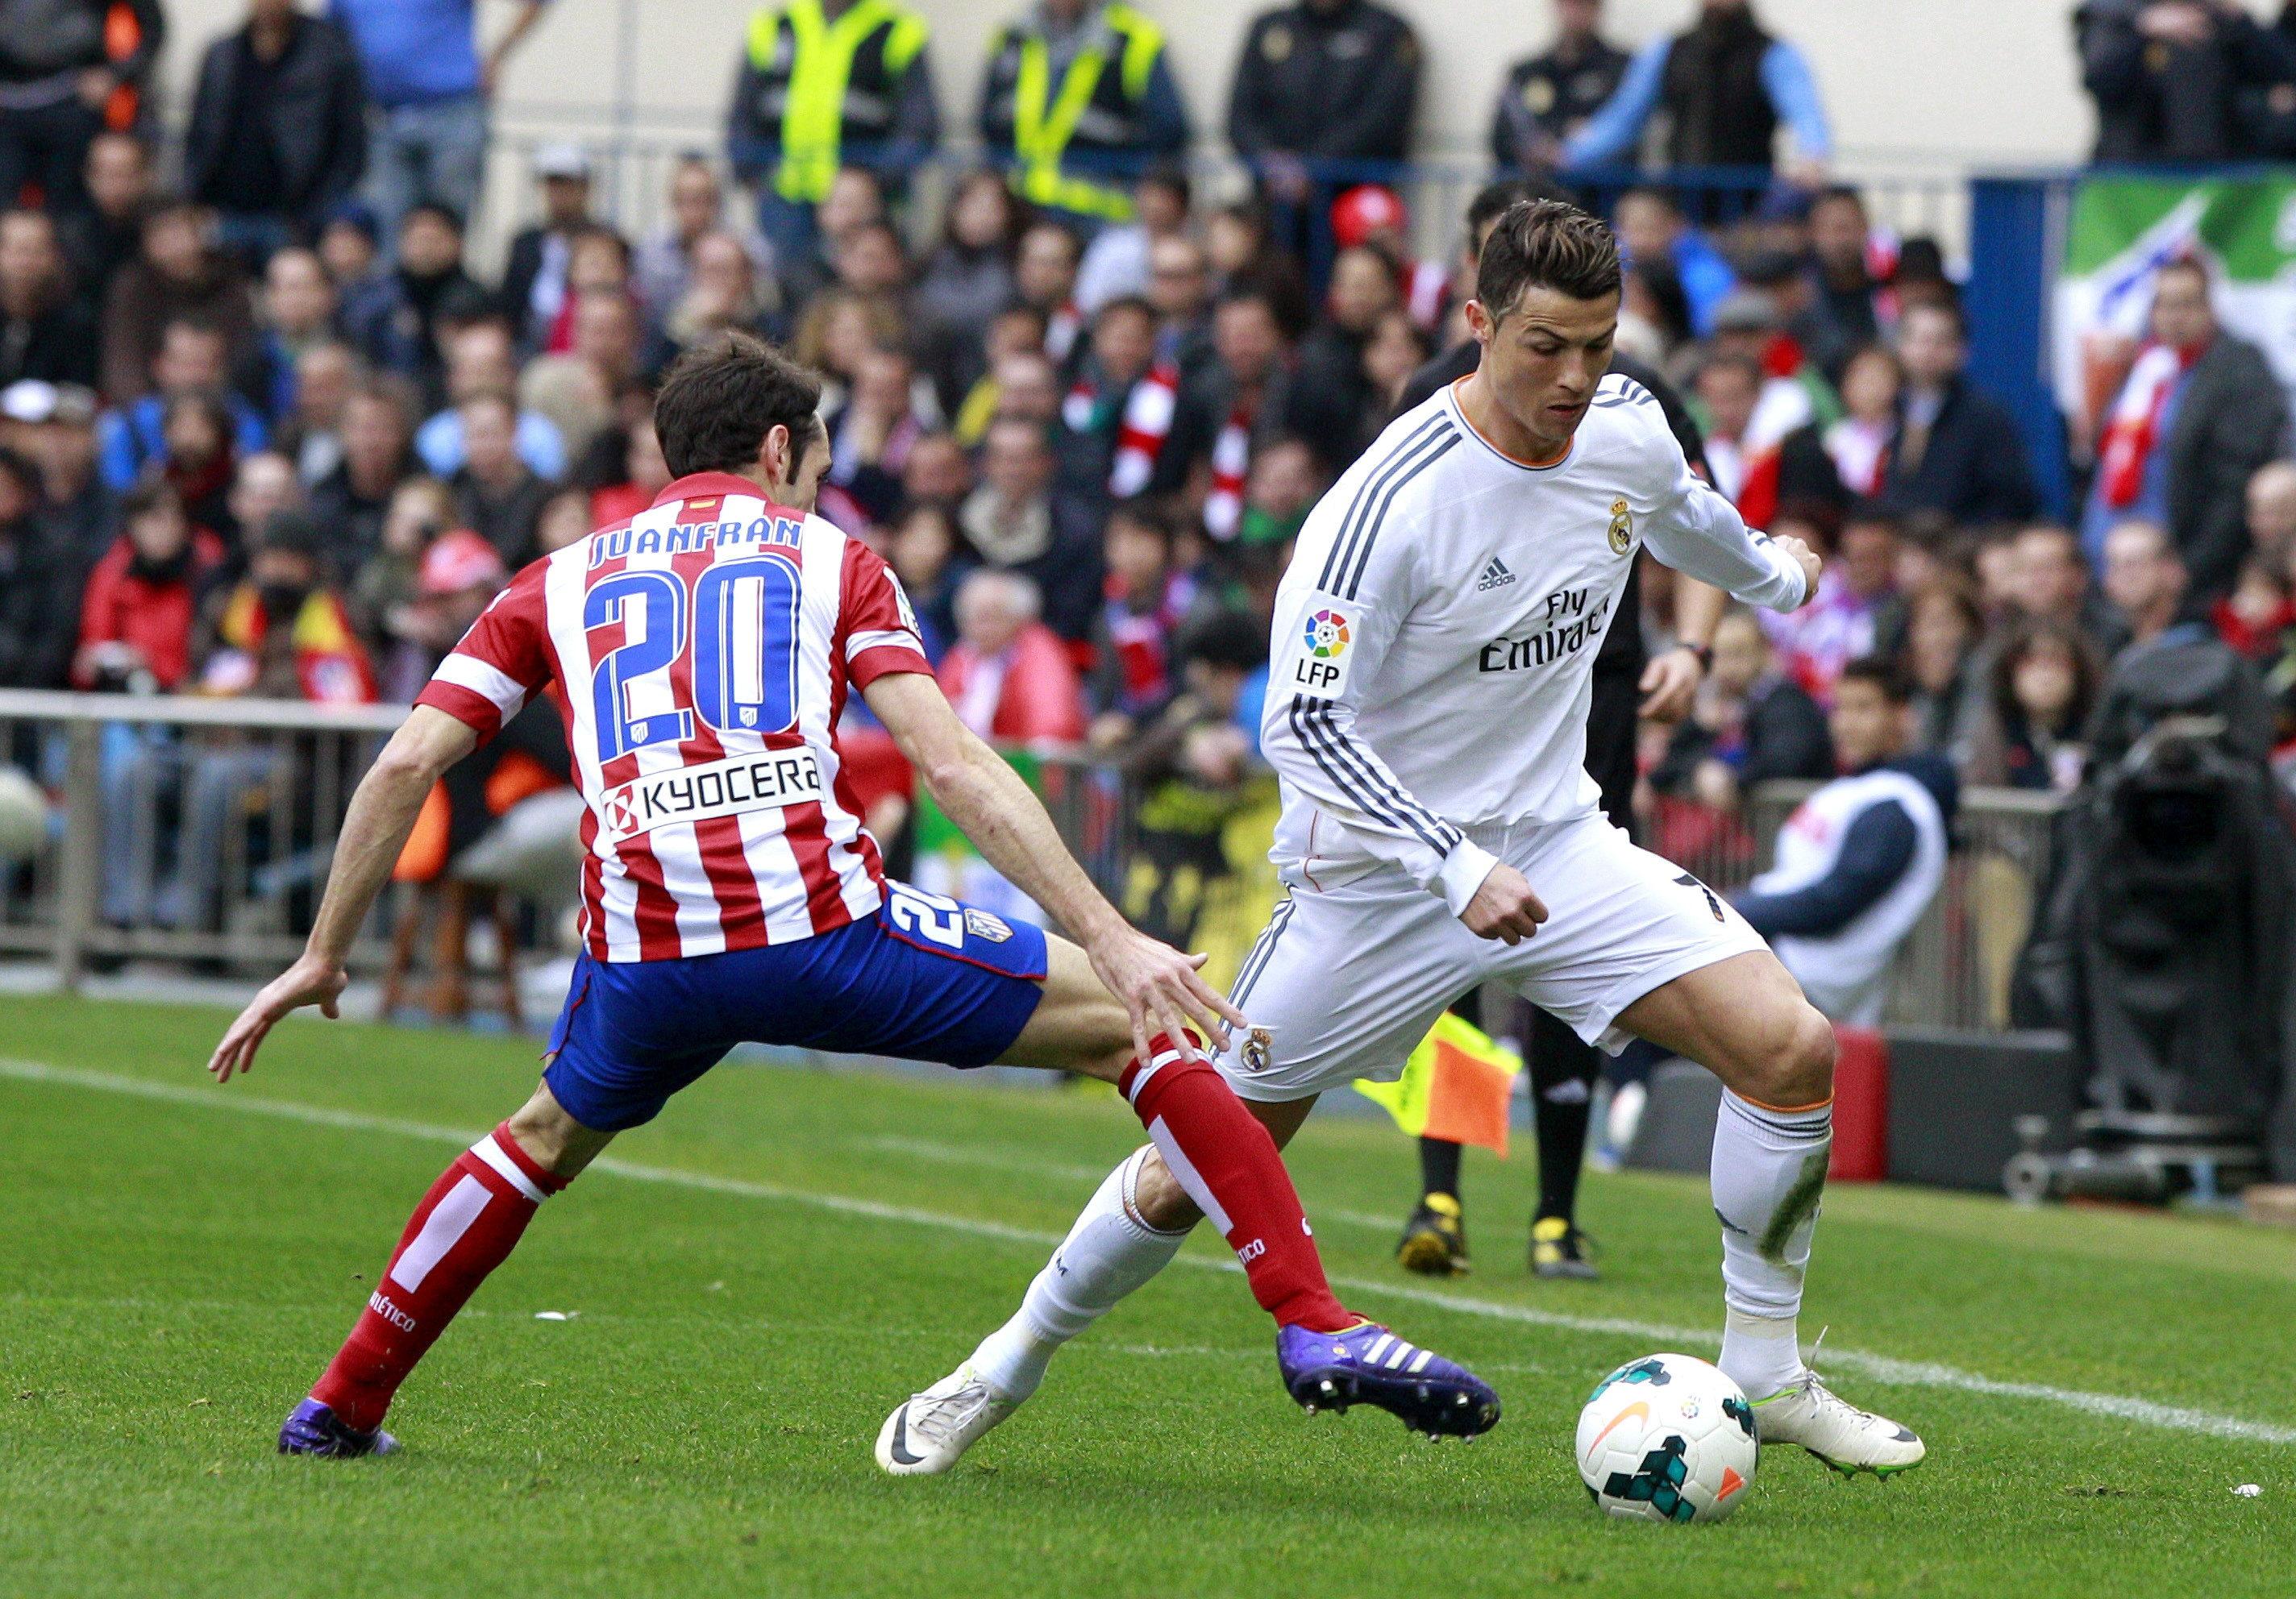 El sábado 24 se juega el partido del año en Lisboa. La final de la Champions